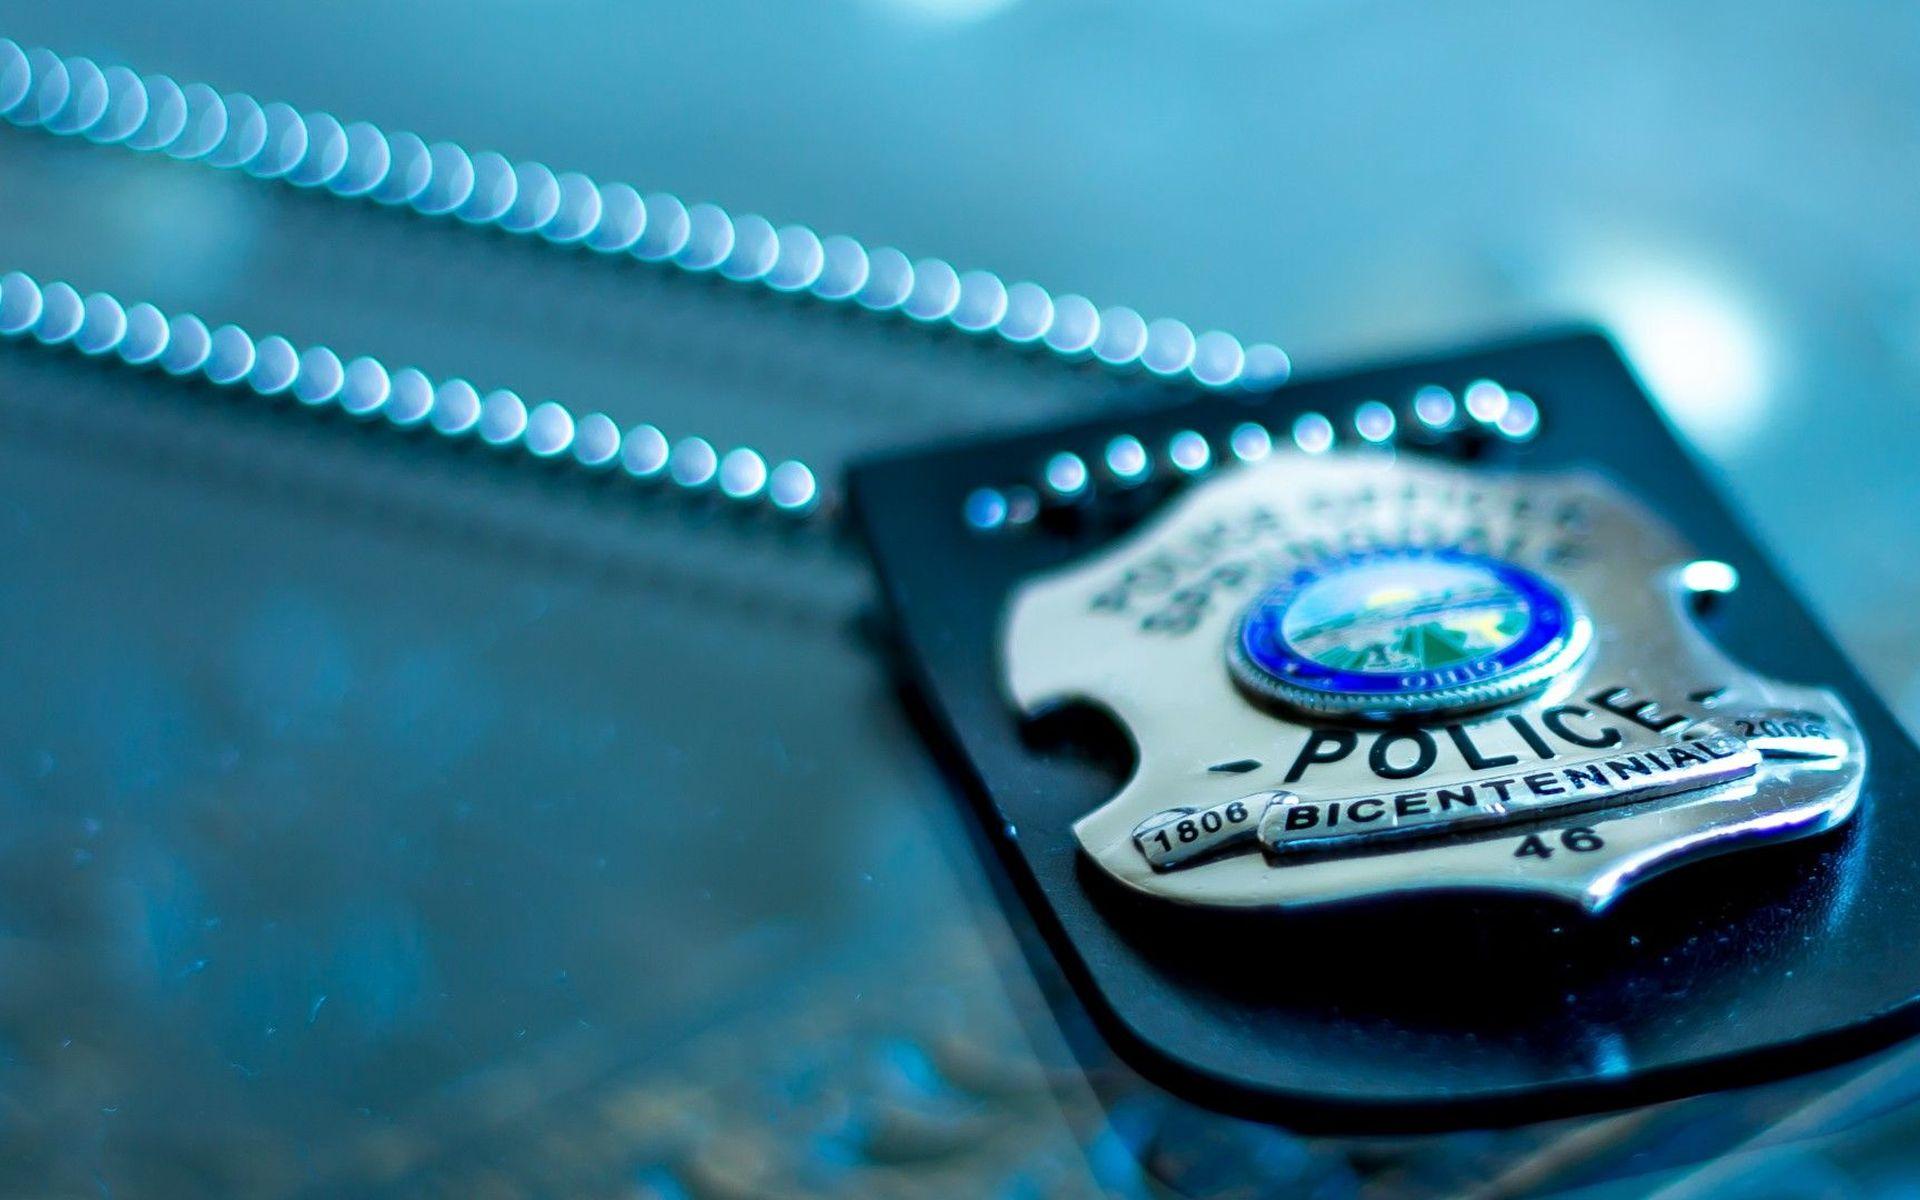 Diferença entre detetive e policial: você sabe qual é?